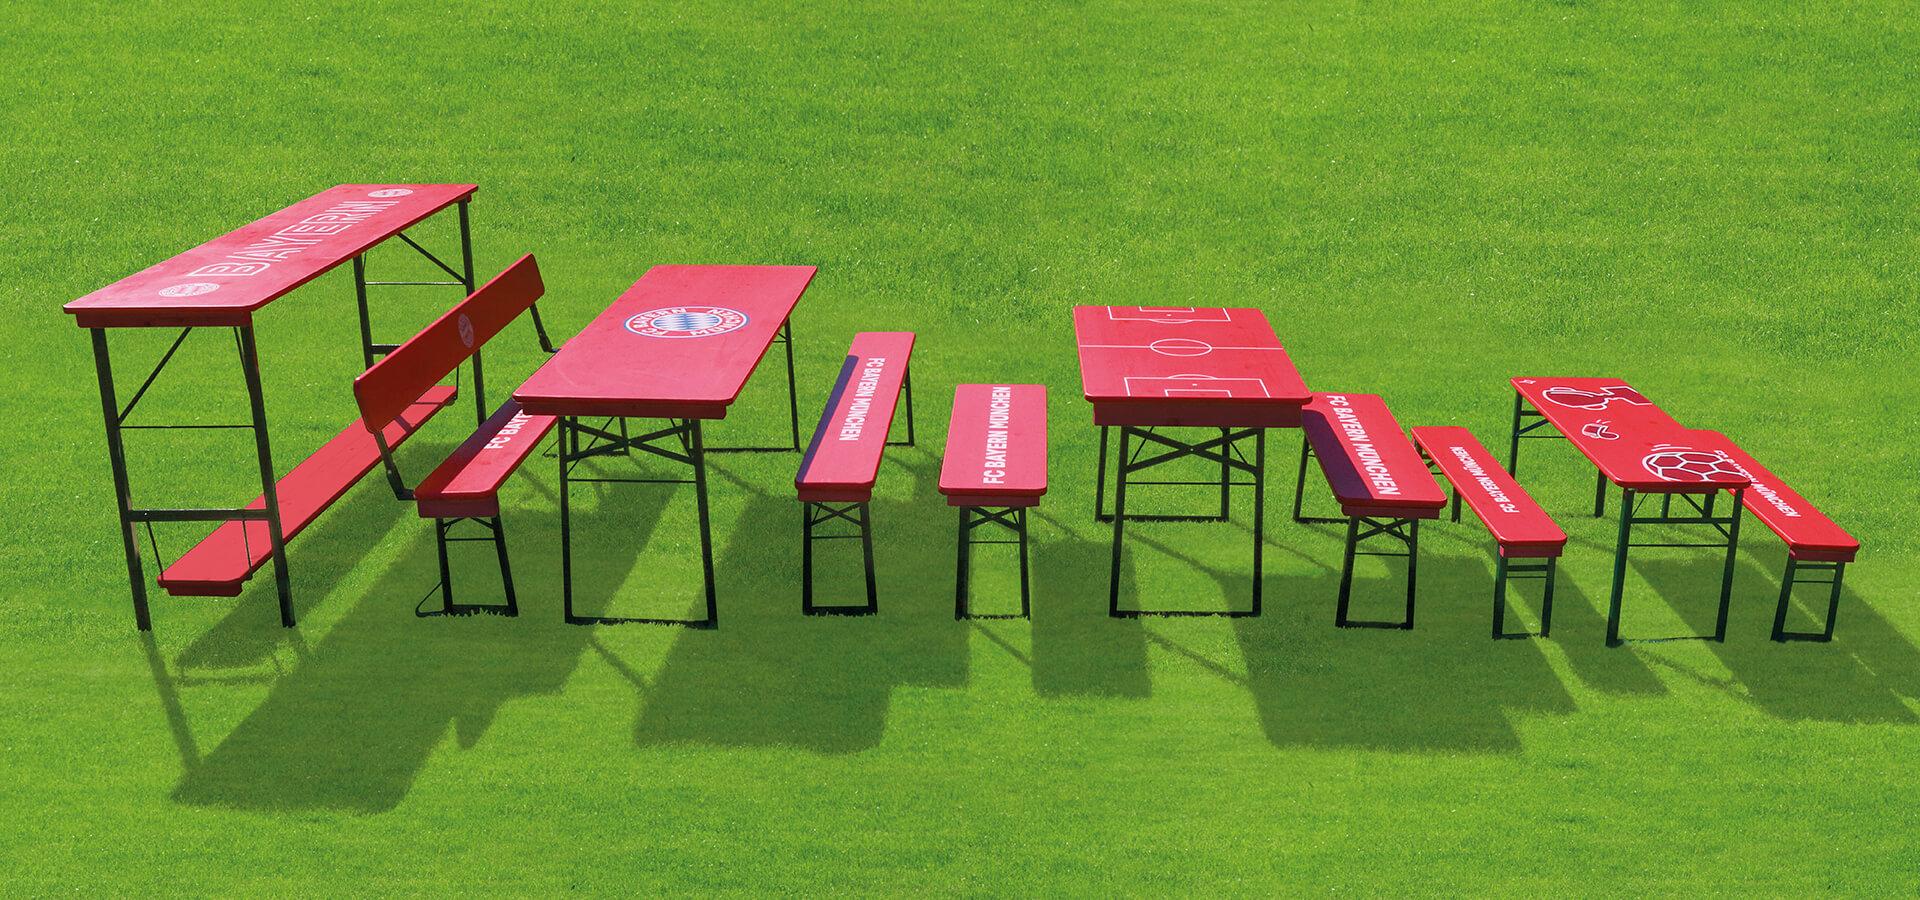 Die FC Bayern München Garnituren stehen auf dem Rasen. Von links nach rechts, der FCB Stehtisch, die klassische Bierzeltgarnitur, wobei eine Bank mit Lehne bestückt ist, die FCB Shorty Garnitur und die kleine Bierzeltgarnitur Bambini.